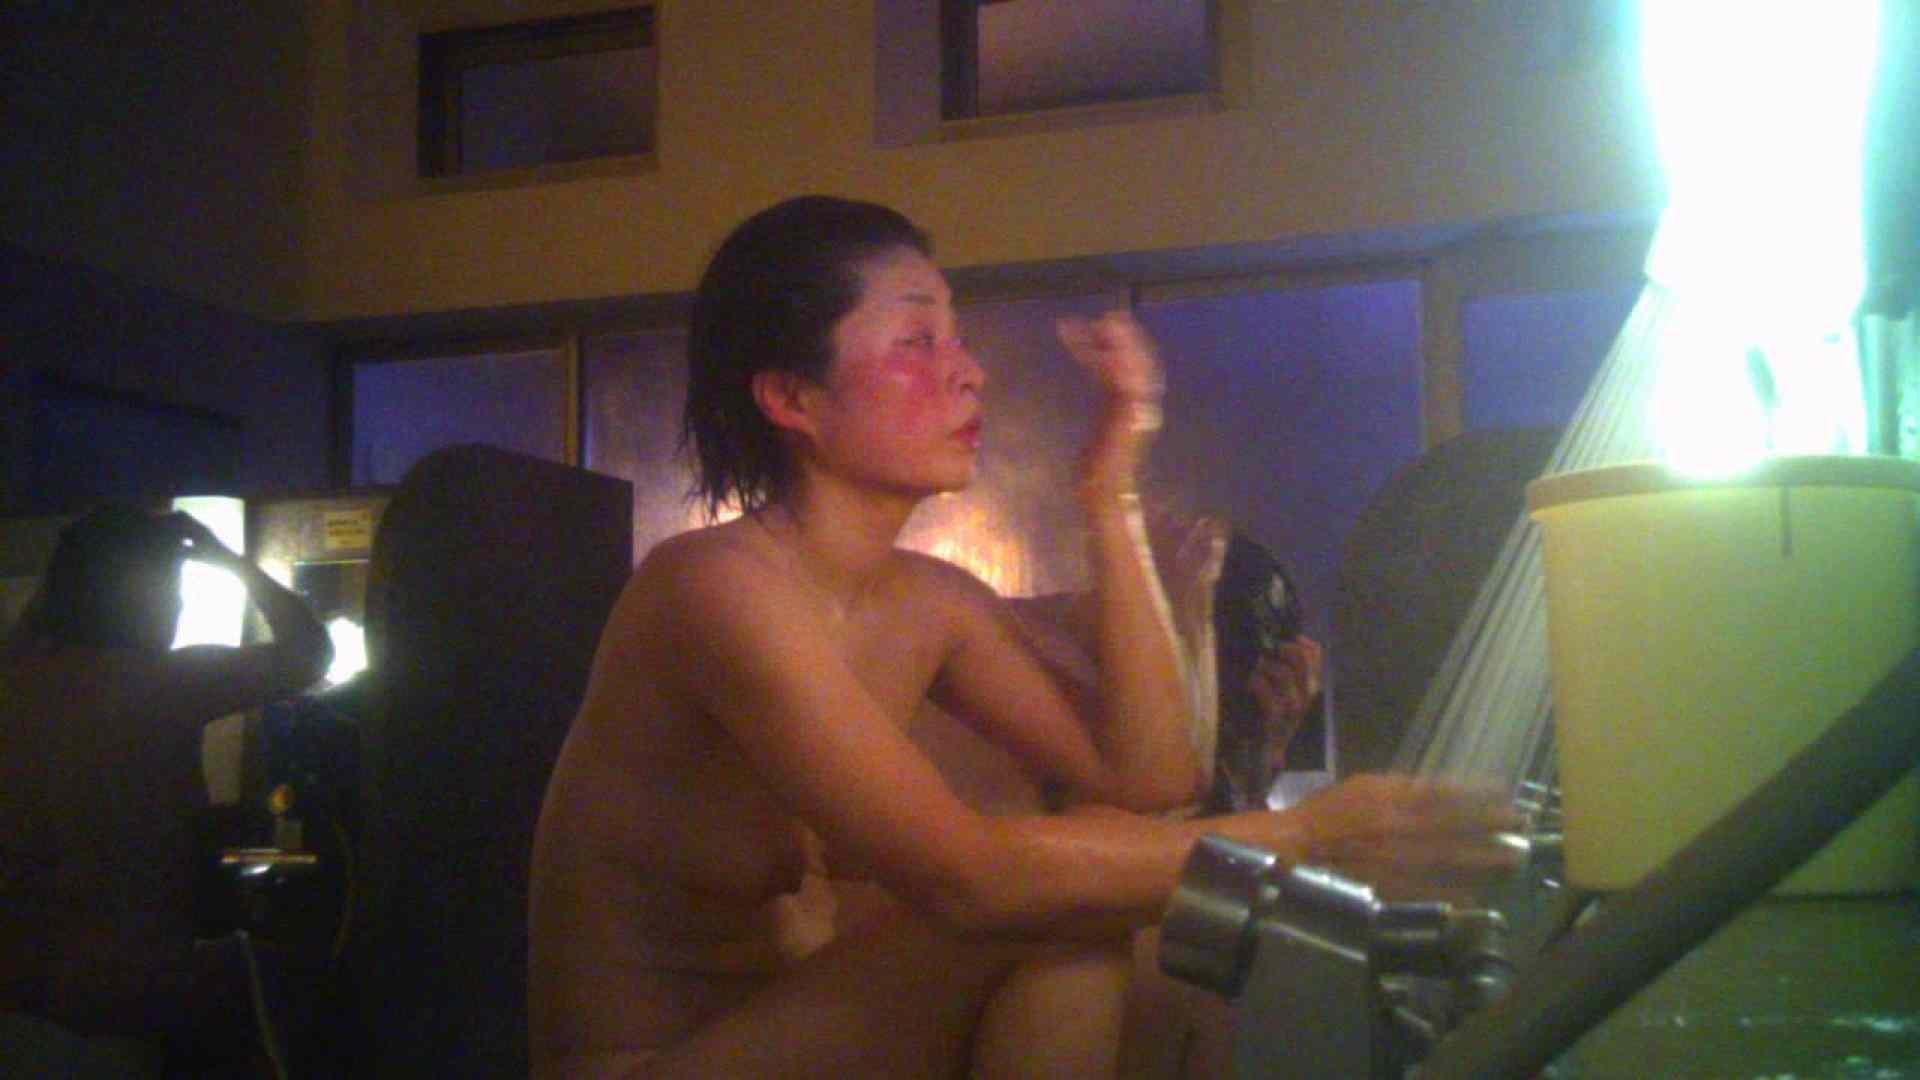 TG.21 【上等兵】井戸端会議が大好きな奥さん 女風呂   潜入  92連発 69